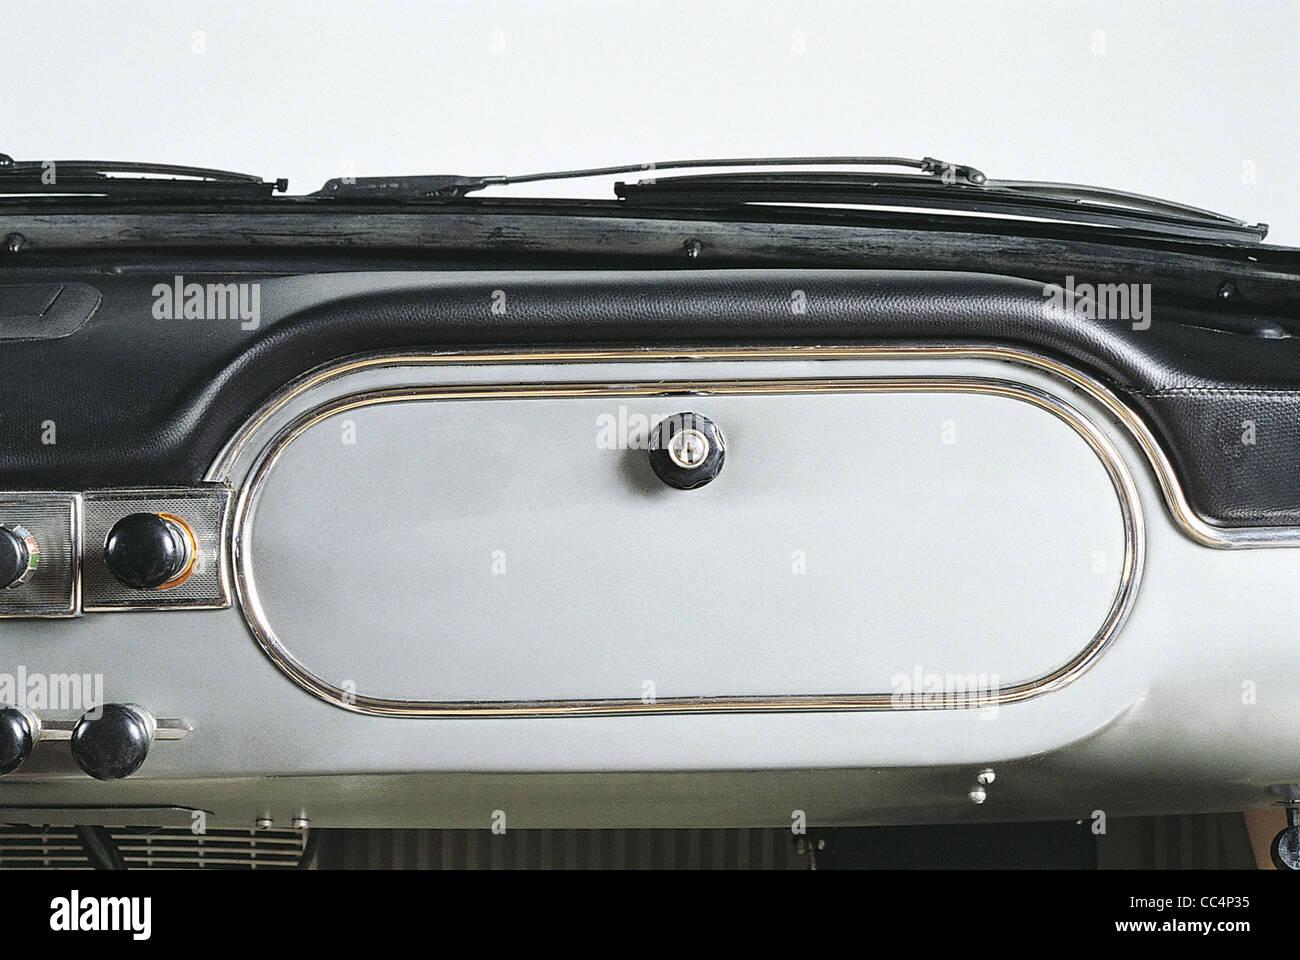 Los coches del siglo XX en Italia. Lancia Flaminia Coupe GT 2.5. Año 1963. Detalle del salpicadero Foto de stock